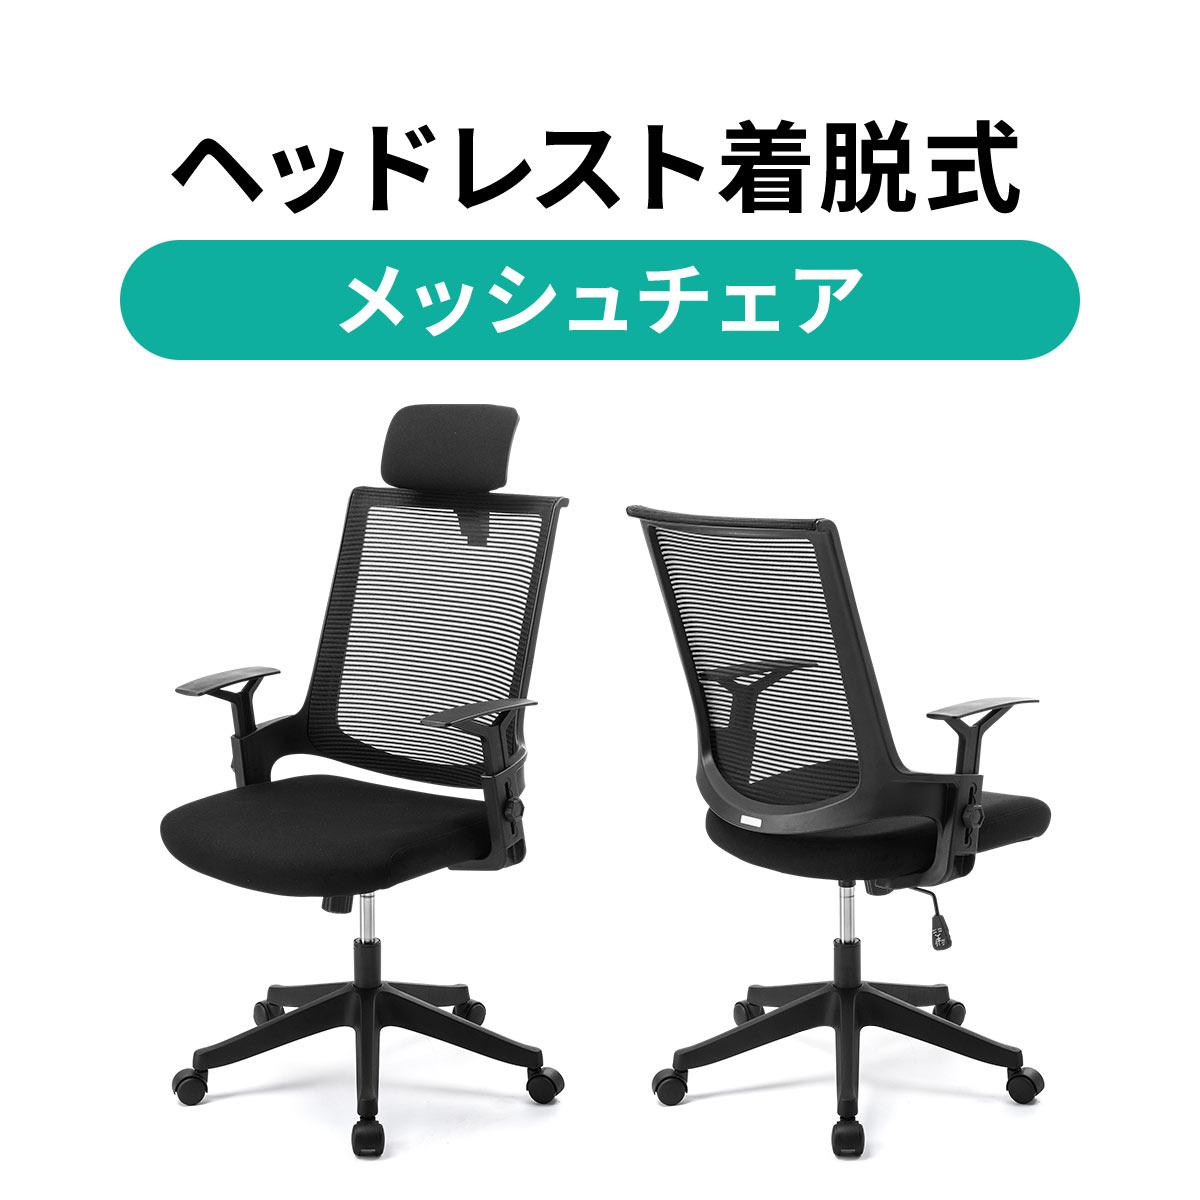 メッシュチェア オフィスチェア ワークチェア パソコンチェア デスクチェア 事務椅子 肘付き ロッキング ハイバック ヘッドレスト ブラック 椅子 イス いす チェアー